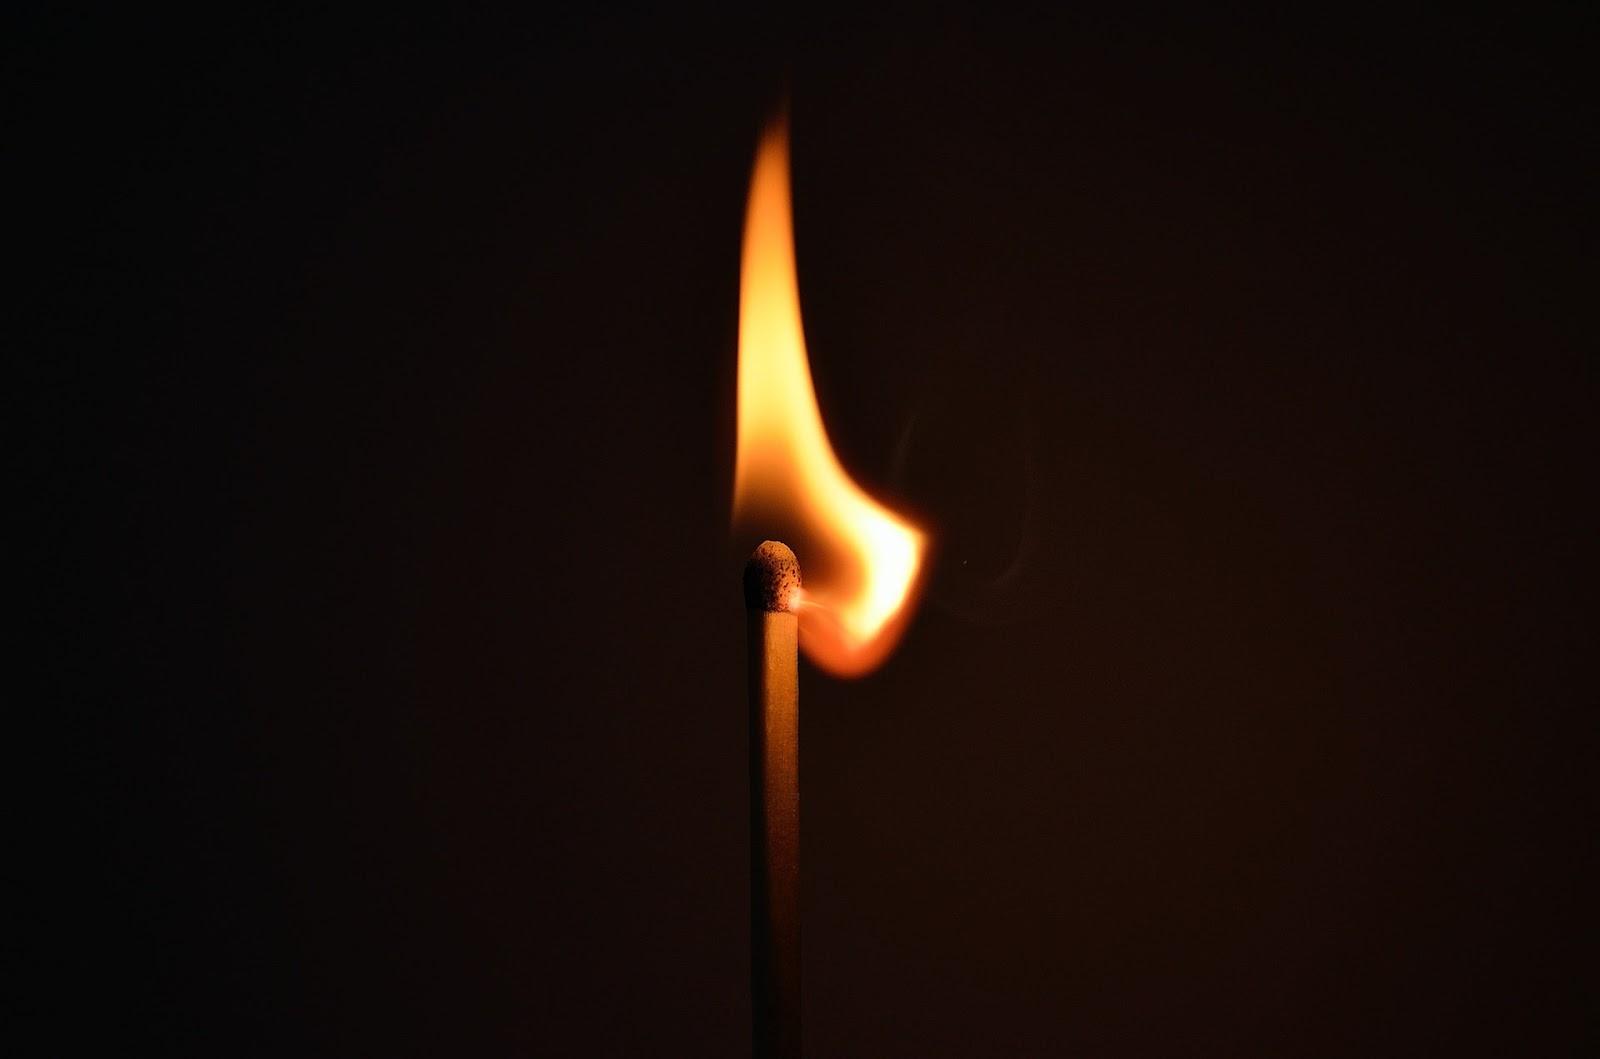 matchstick-fire-light-striking-66267.jpeg